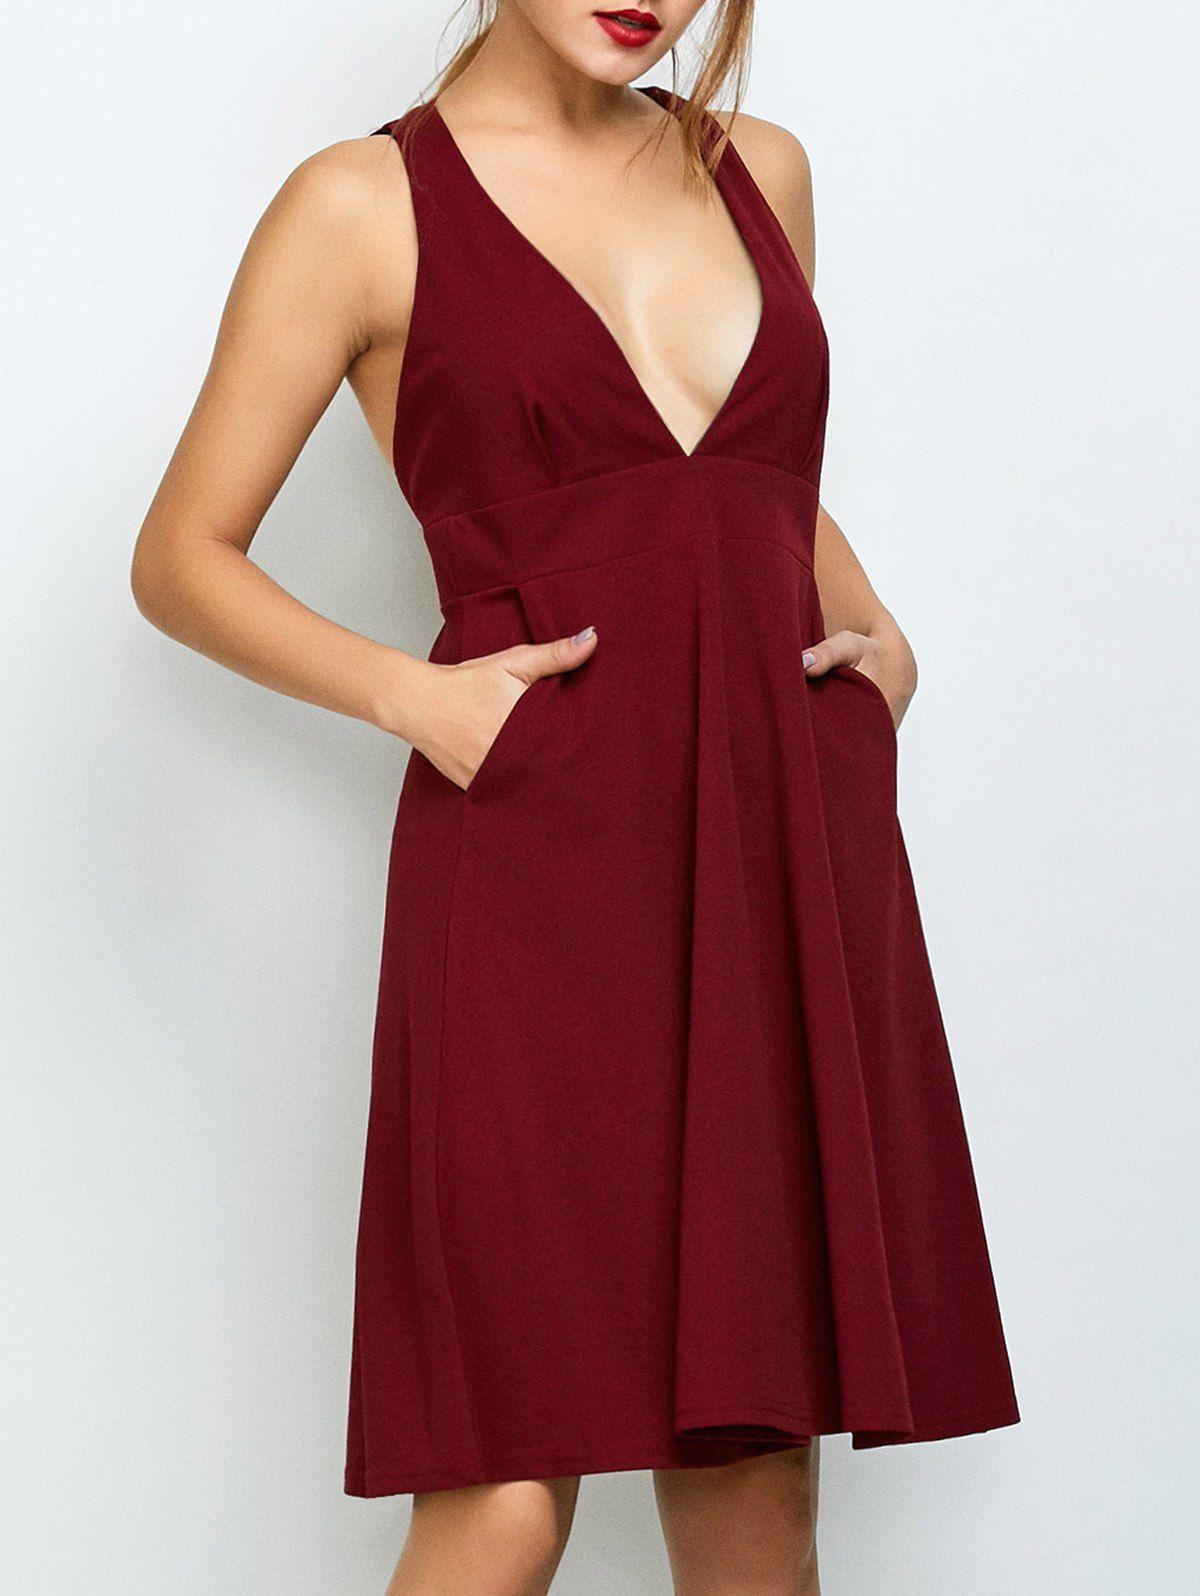 Empire waist sleeveless plunging neck dress in wine red sammydress